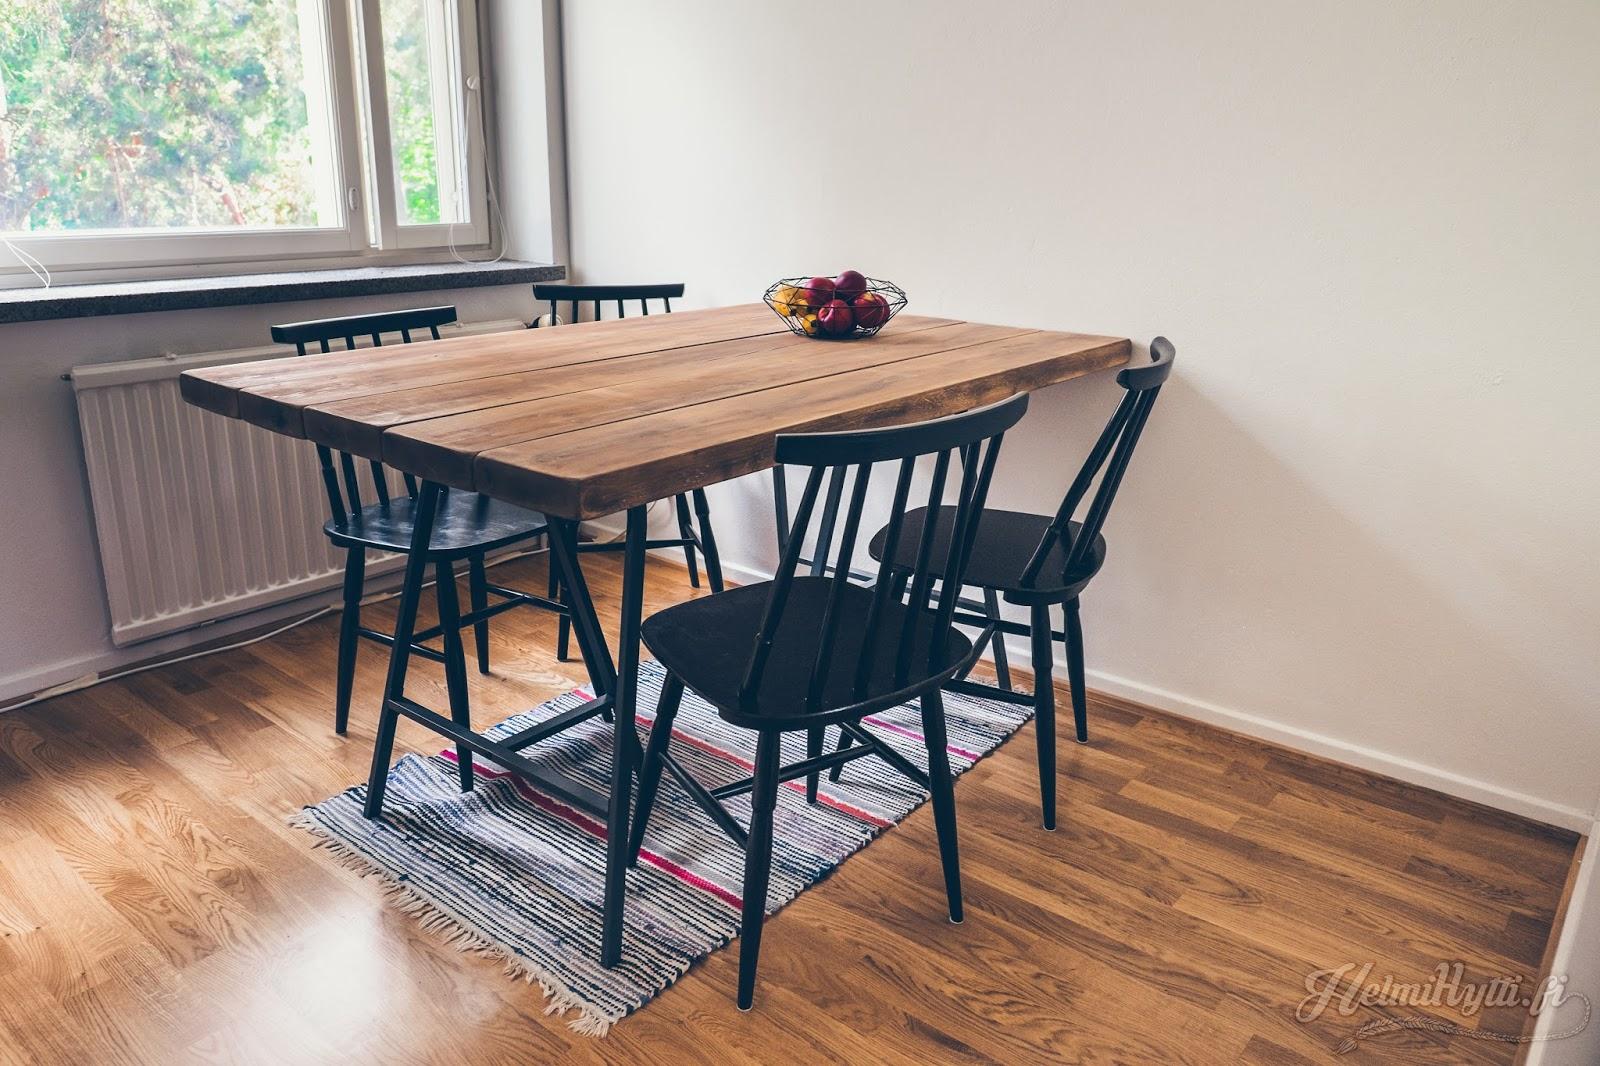 id lankkupöytä pukkijalat pinnatuoli sisustus plank table